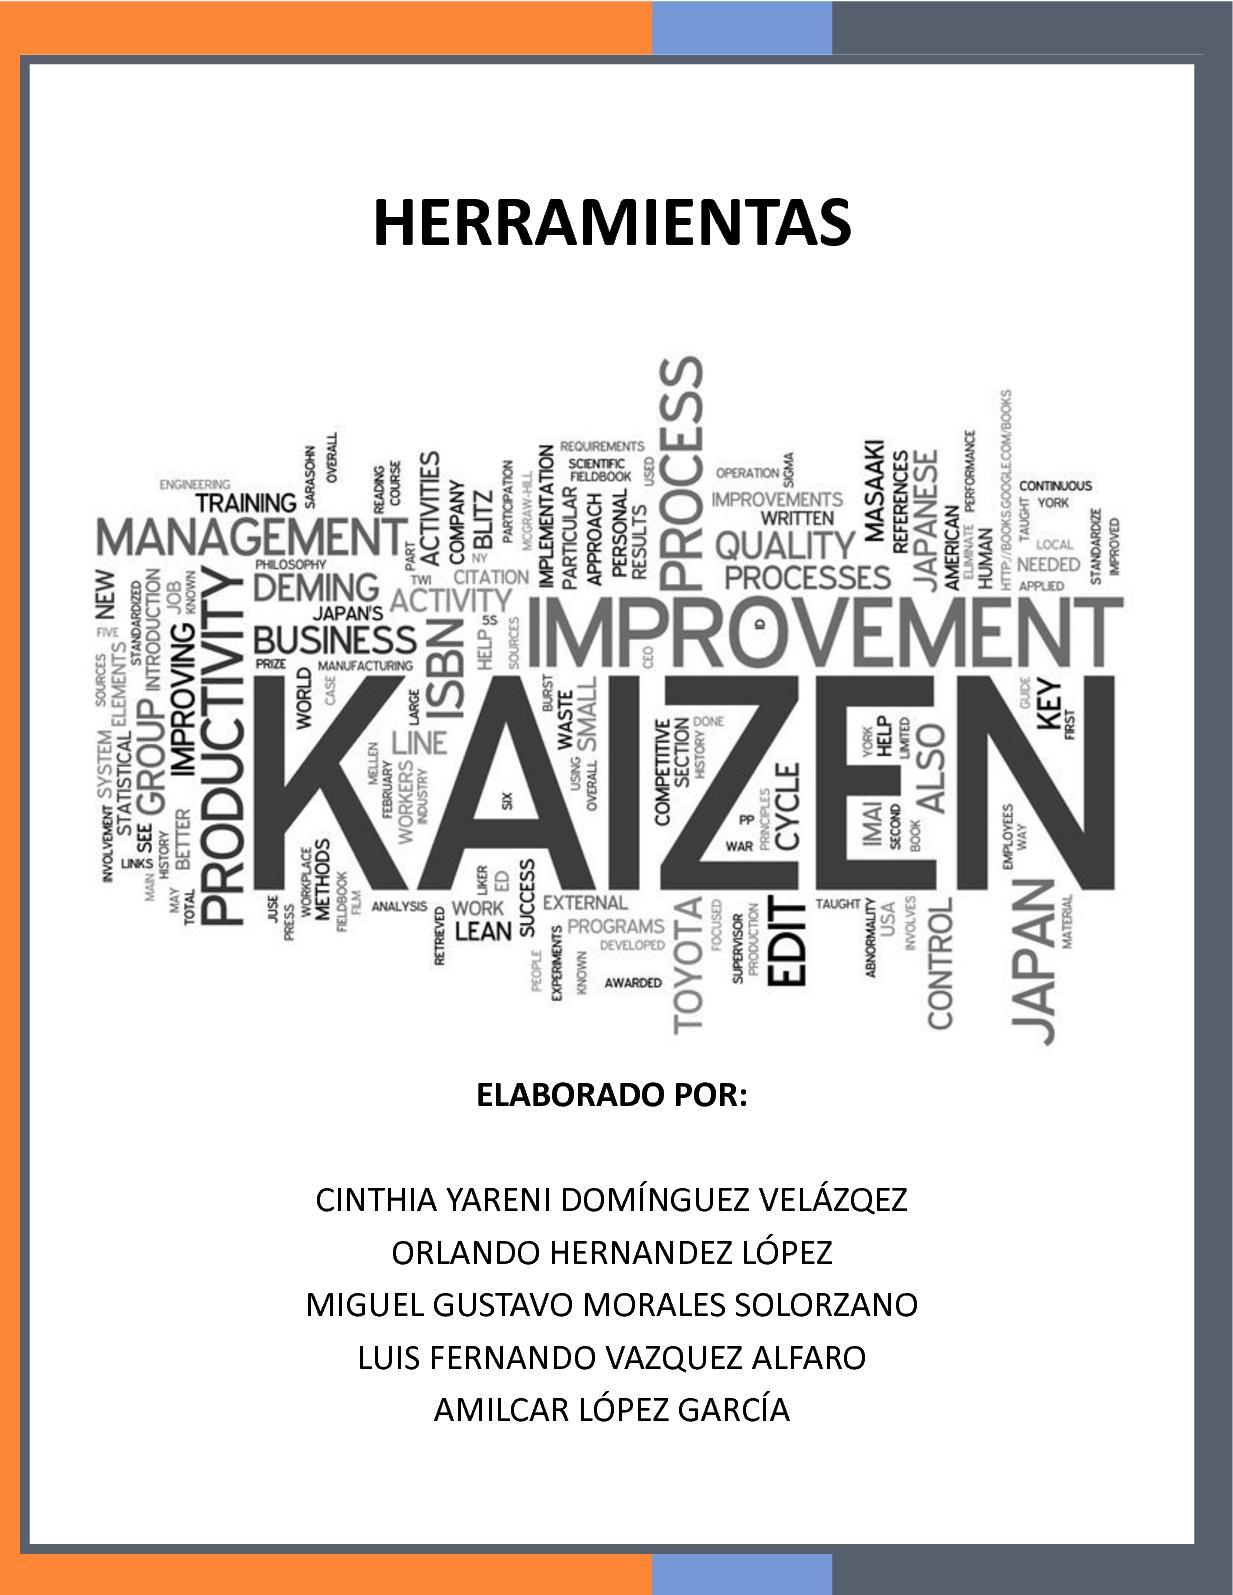 Calaméo - Catalogo Herramientas Kaizen